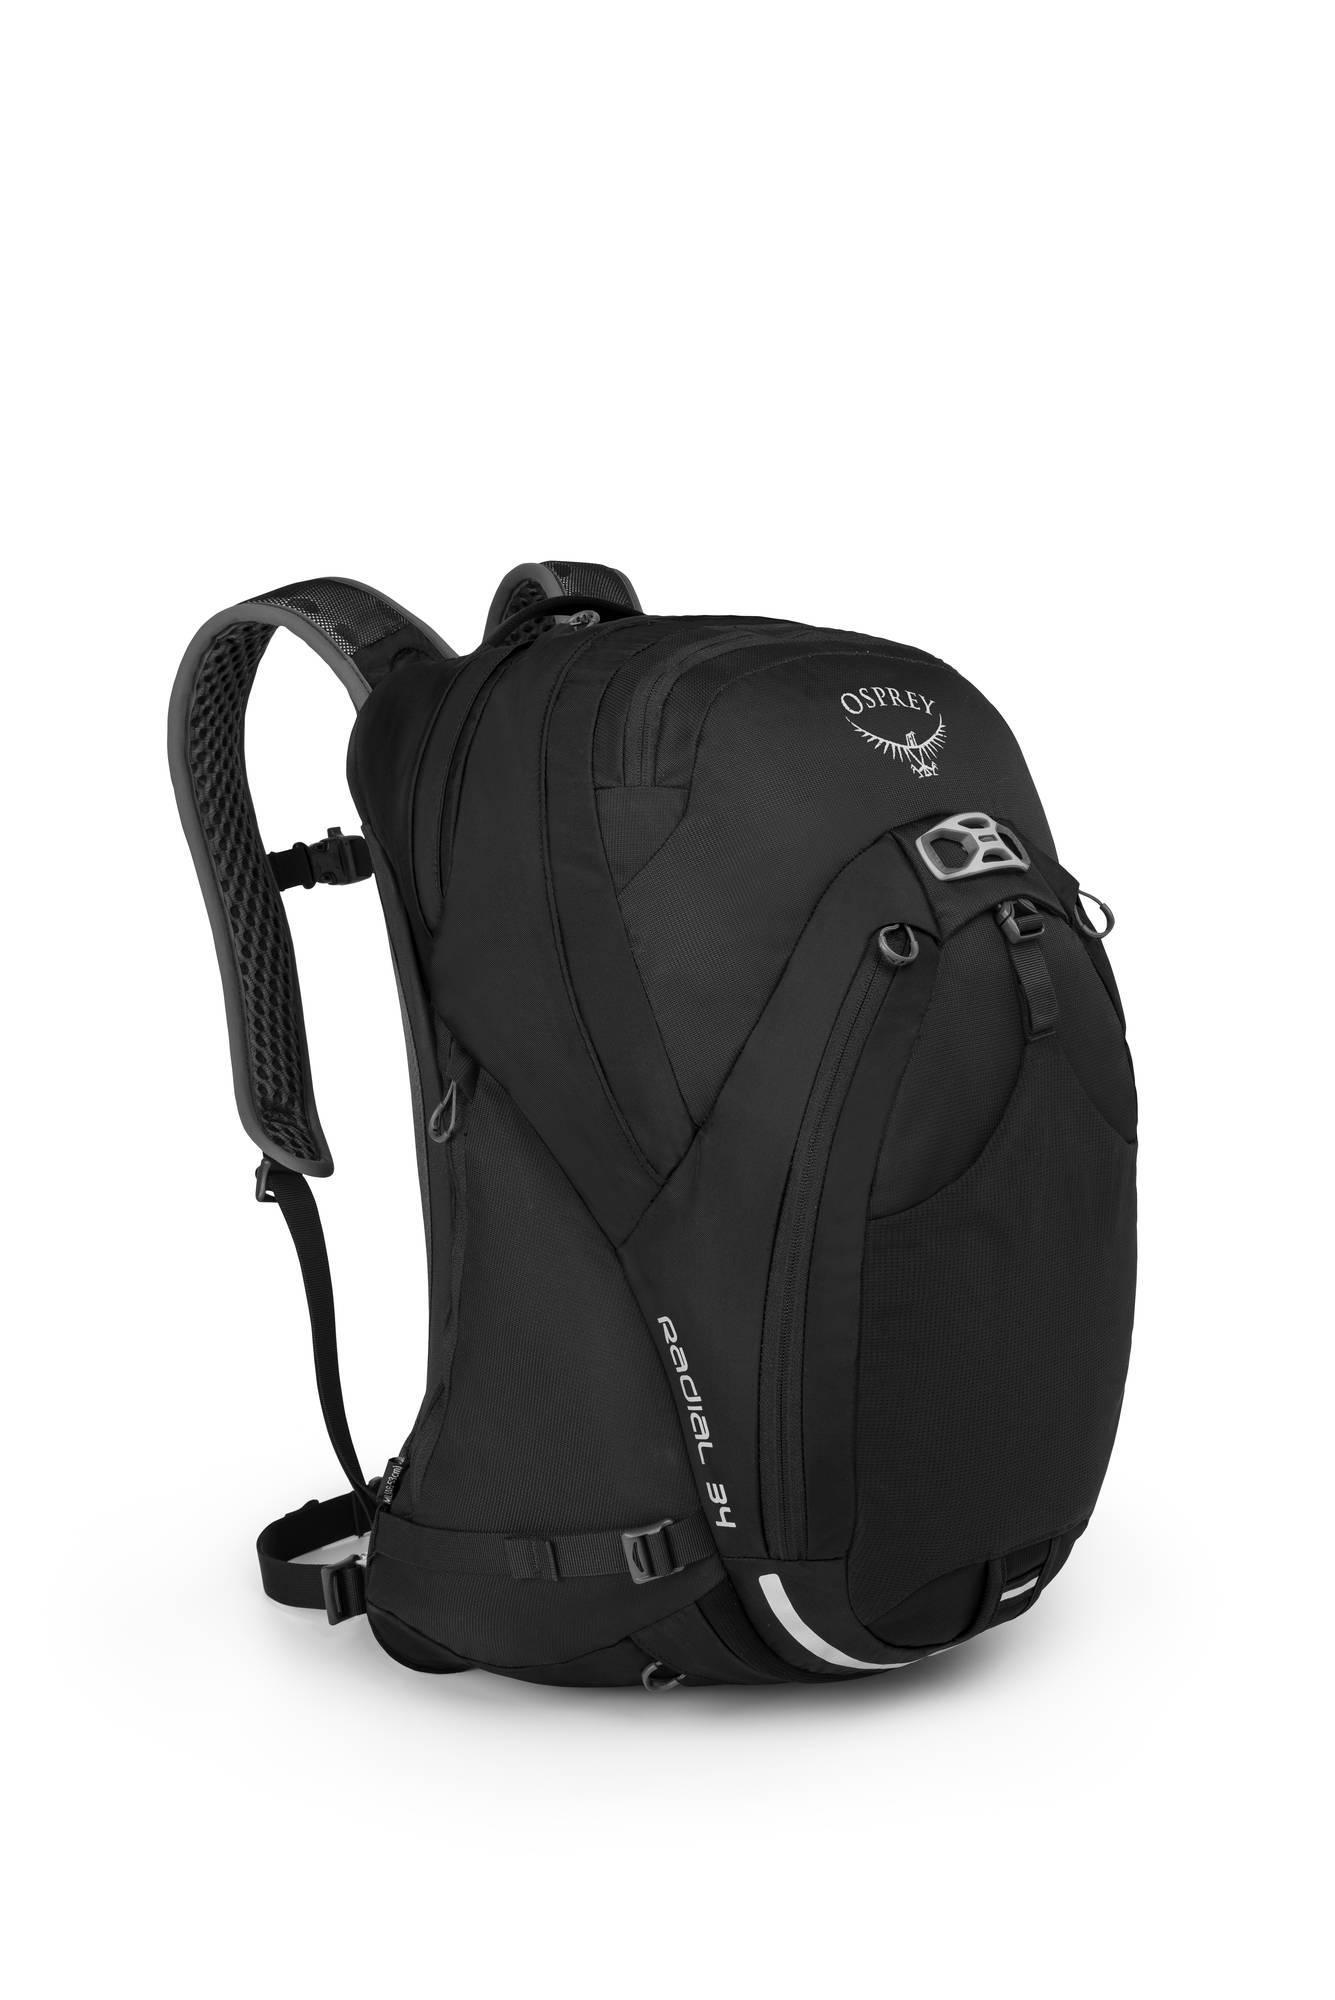 Городские рюкзаки Городской велорюкзак Osprey Radial 34 Radial_34_Side_Black_web.jpg